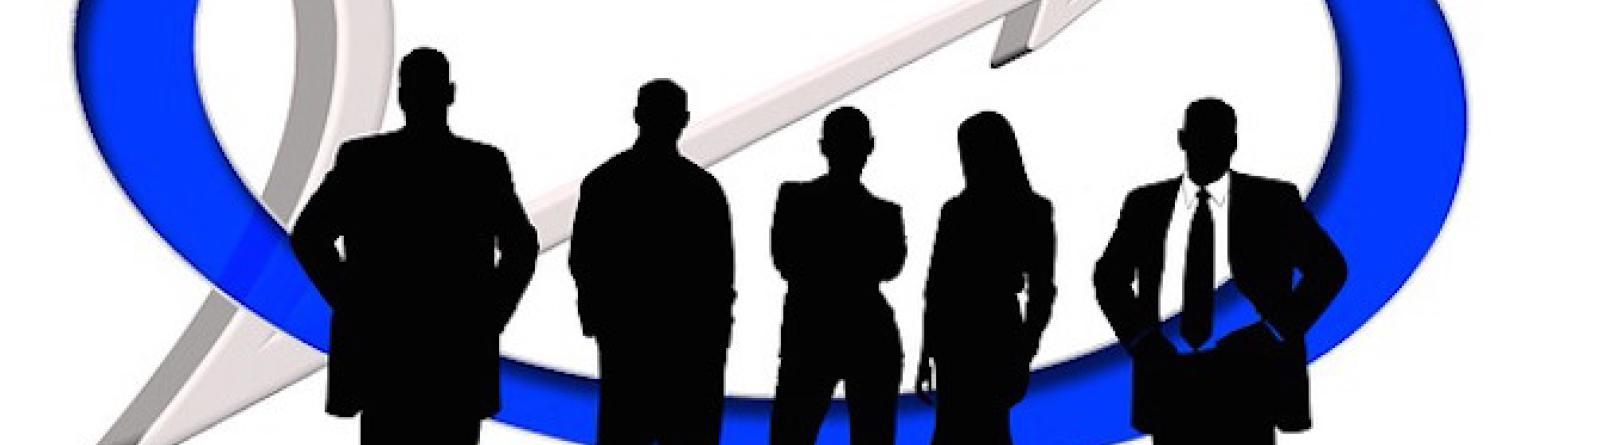 Assopam all'Oam: necessario ridurre la quota di iscrizione e posticipare le scadenze